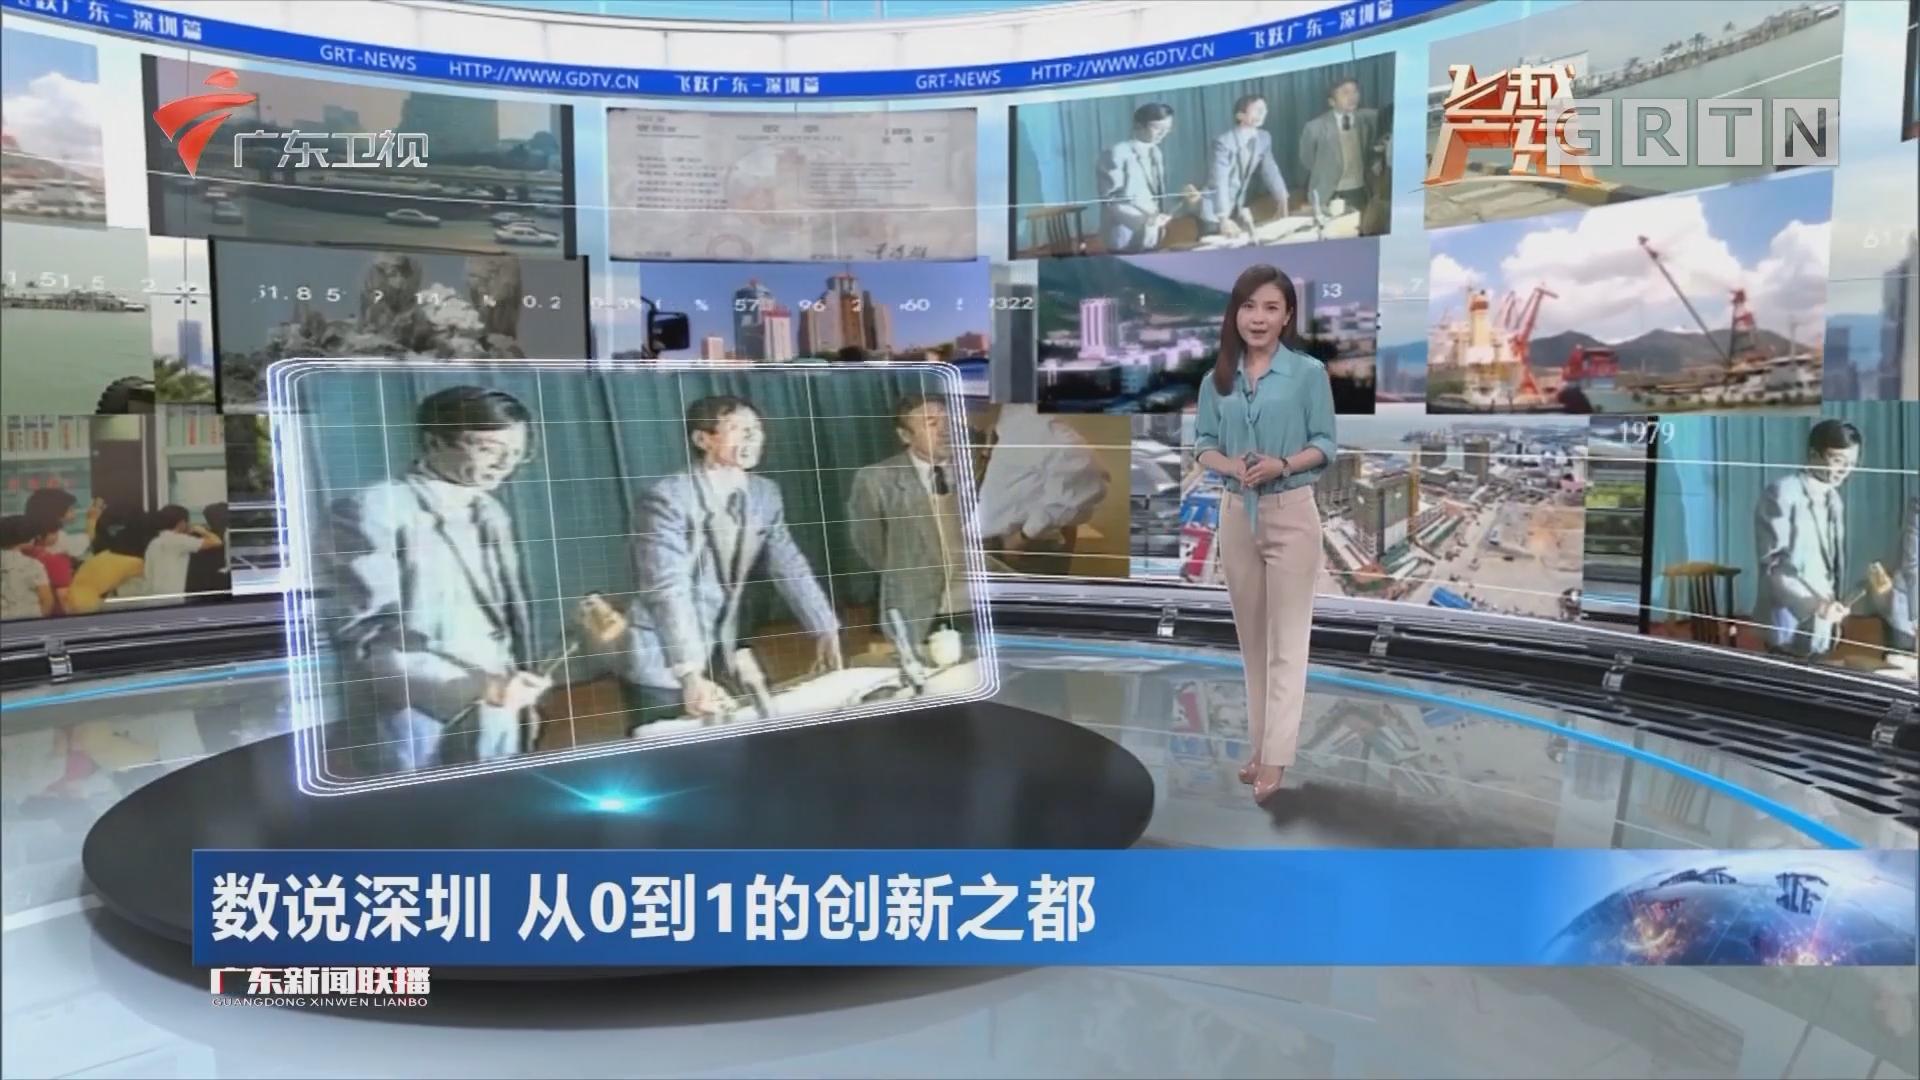 数说深圳 从0到1的创新之都